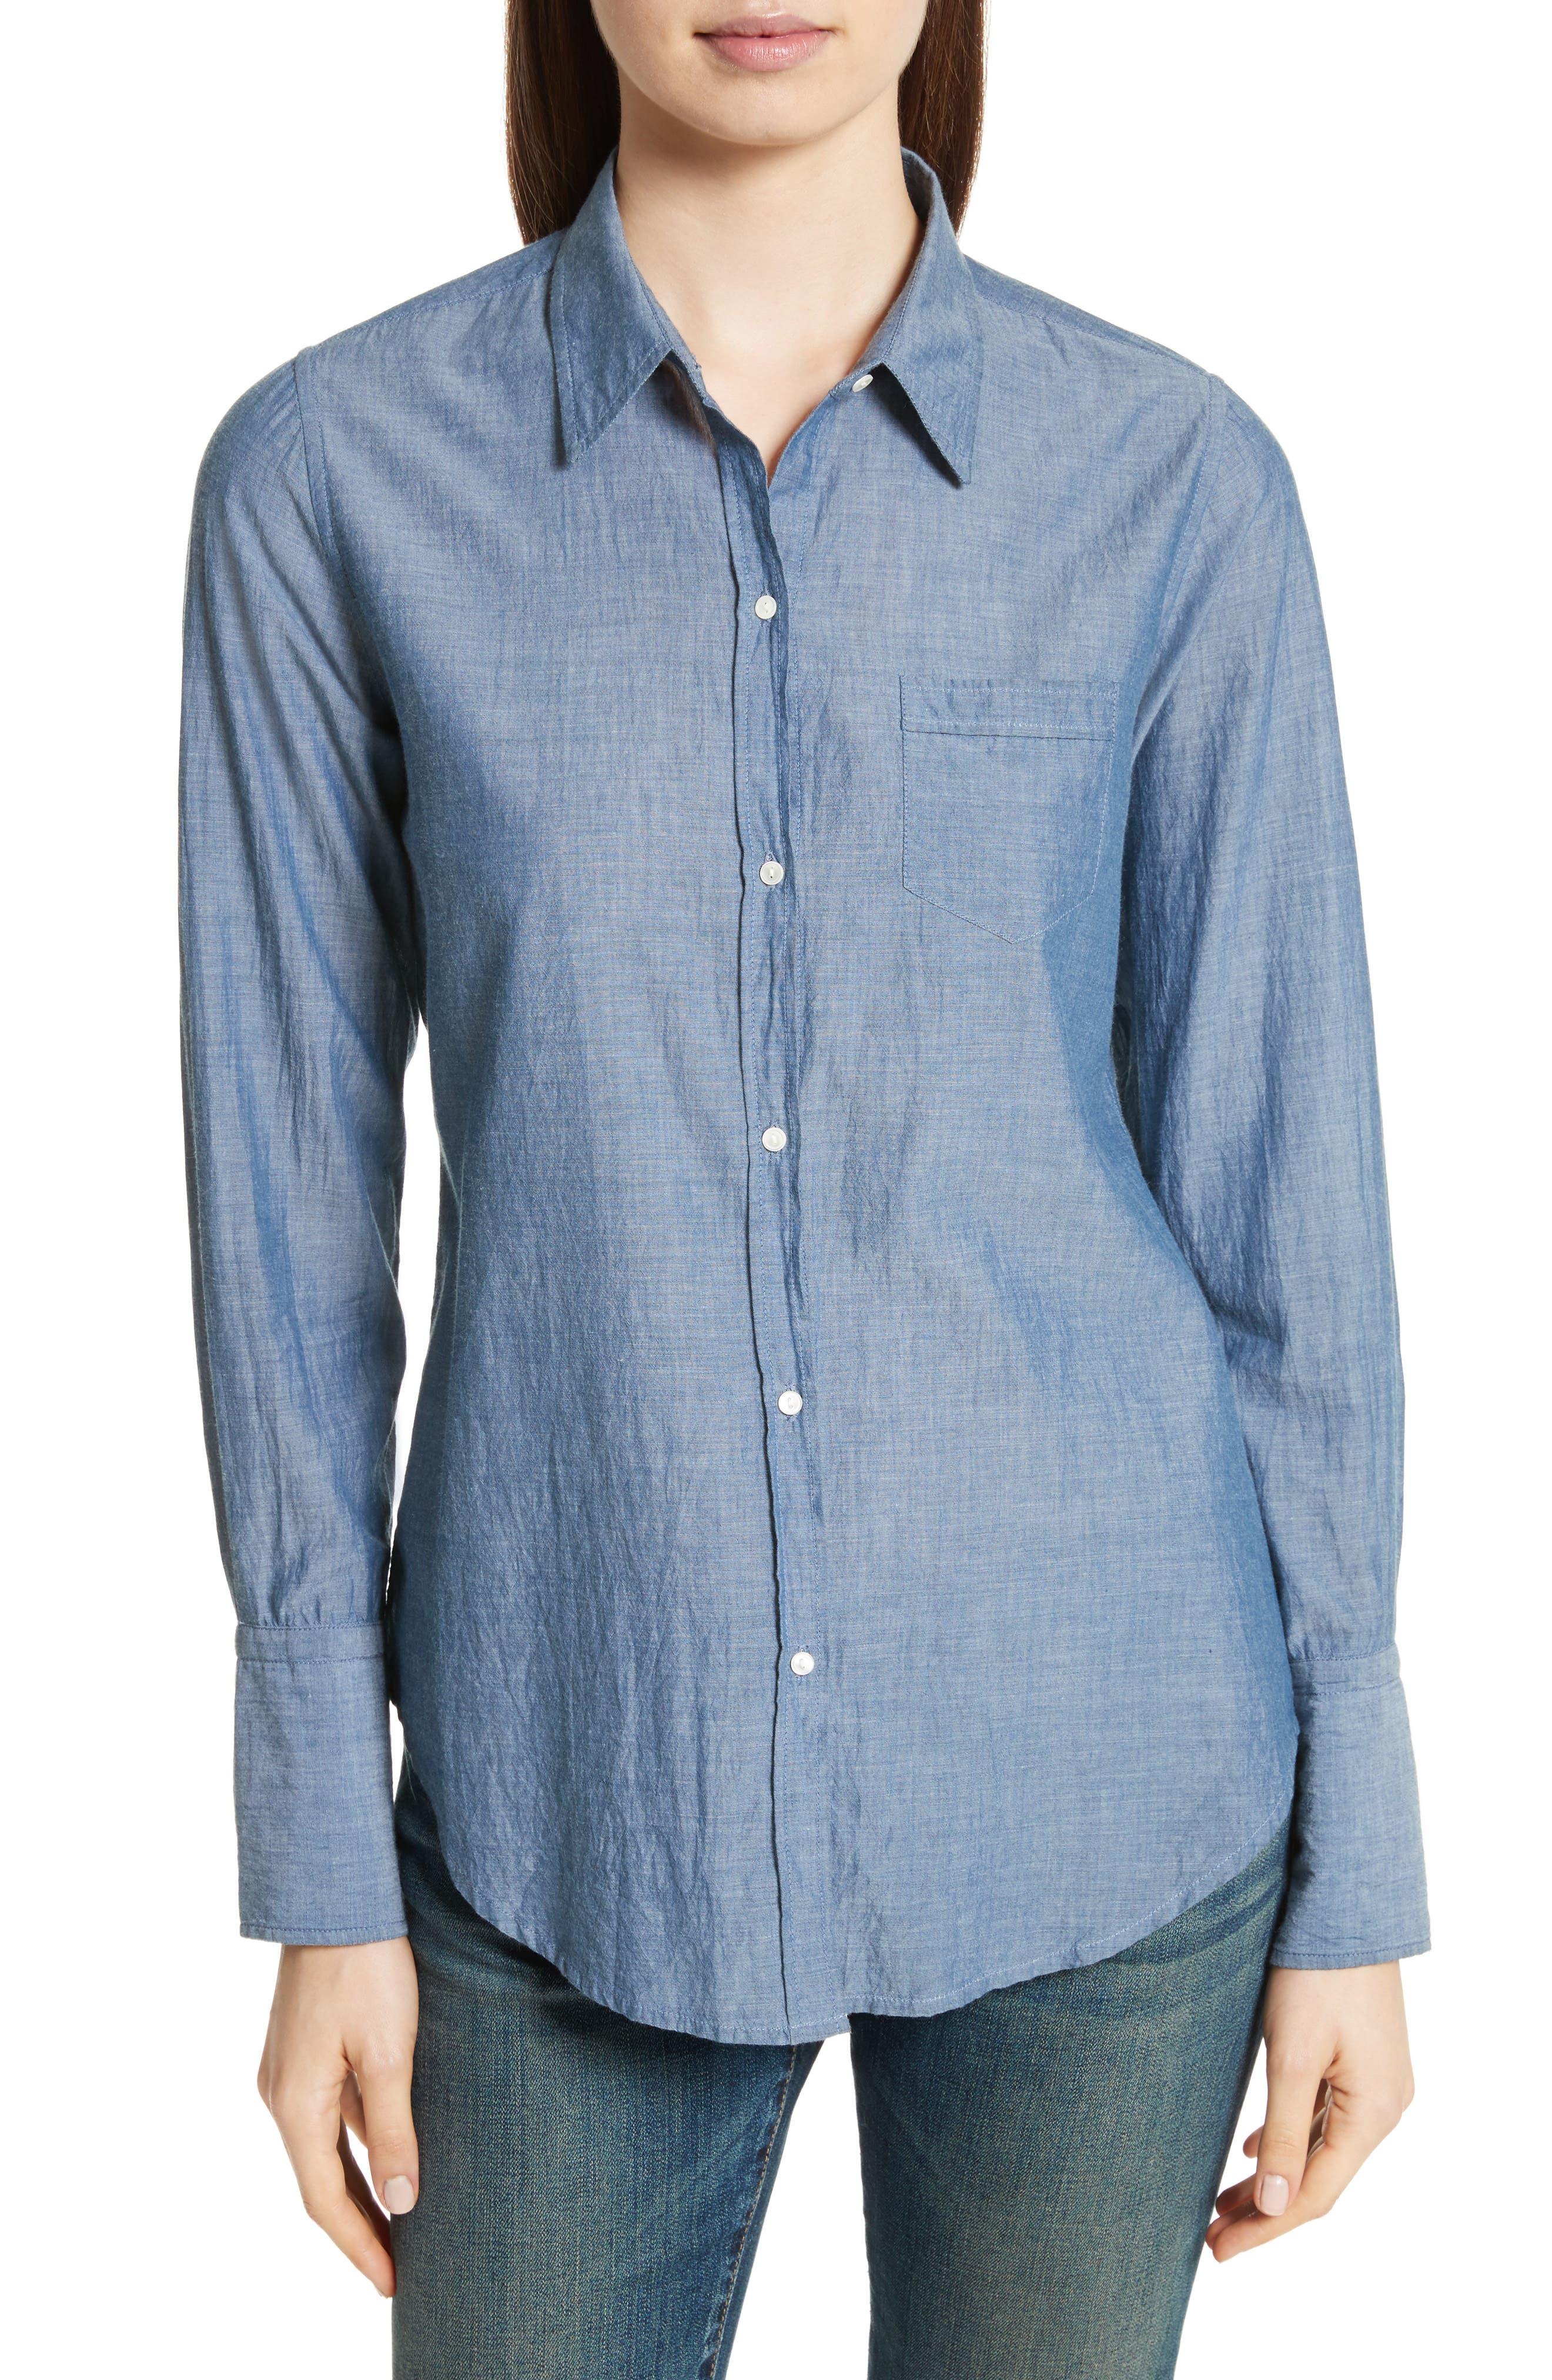 Main Image - Nili Lotan Chambray Shirt